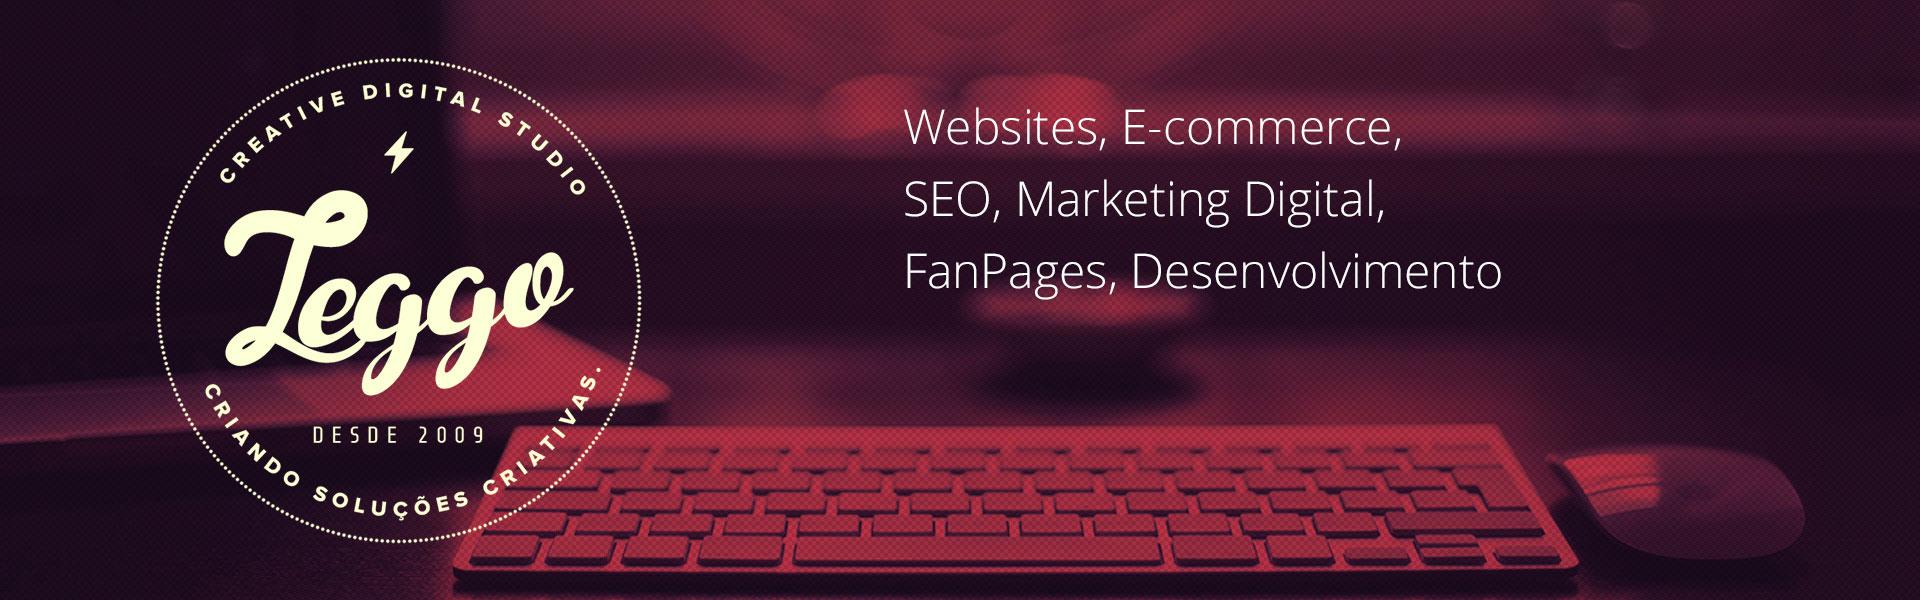 Agência Leggo - Websites, E-commerce, SEO, Marketing Digital, FanPages, Desenvolvimento